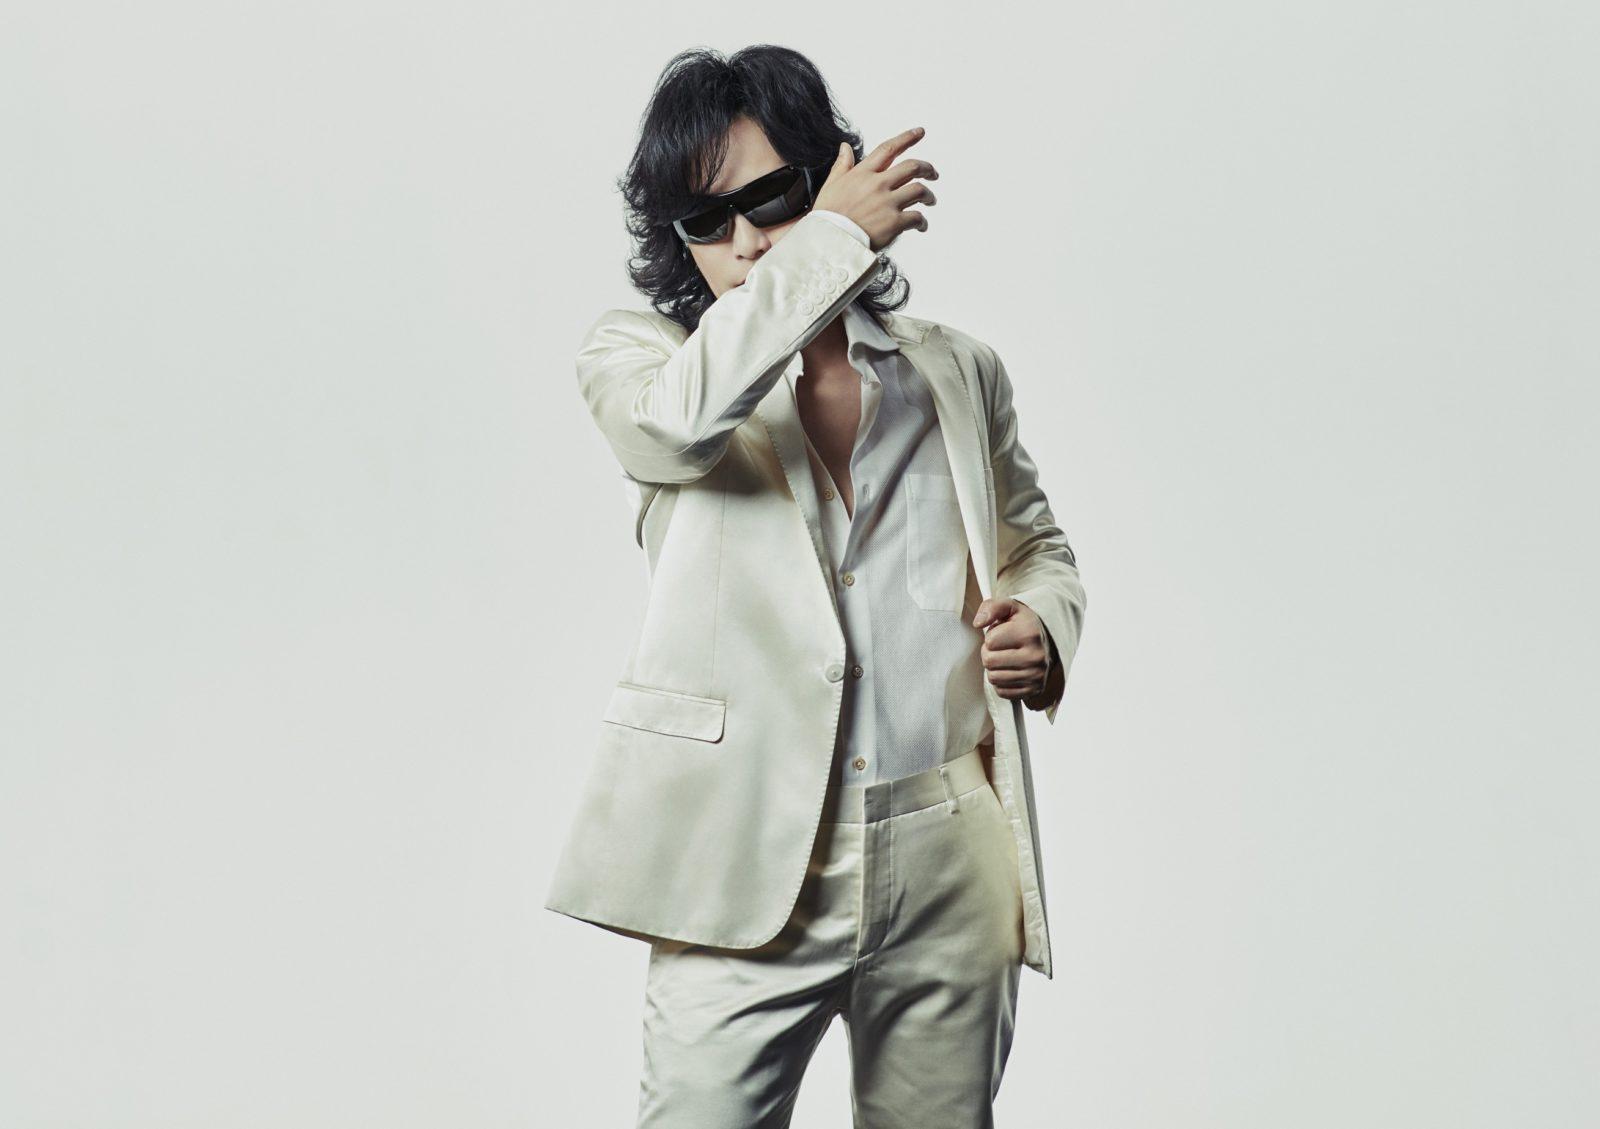 Toshl、カバーアルバム第二弾「IM A SINGER VOL.2」がiTunes1位を奪取サムネイル画像